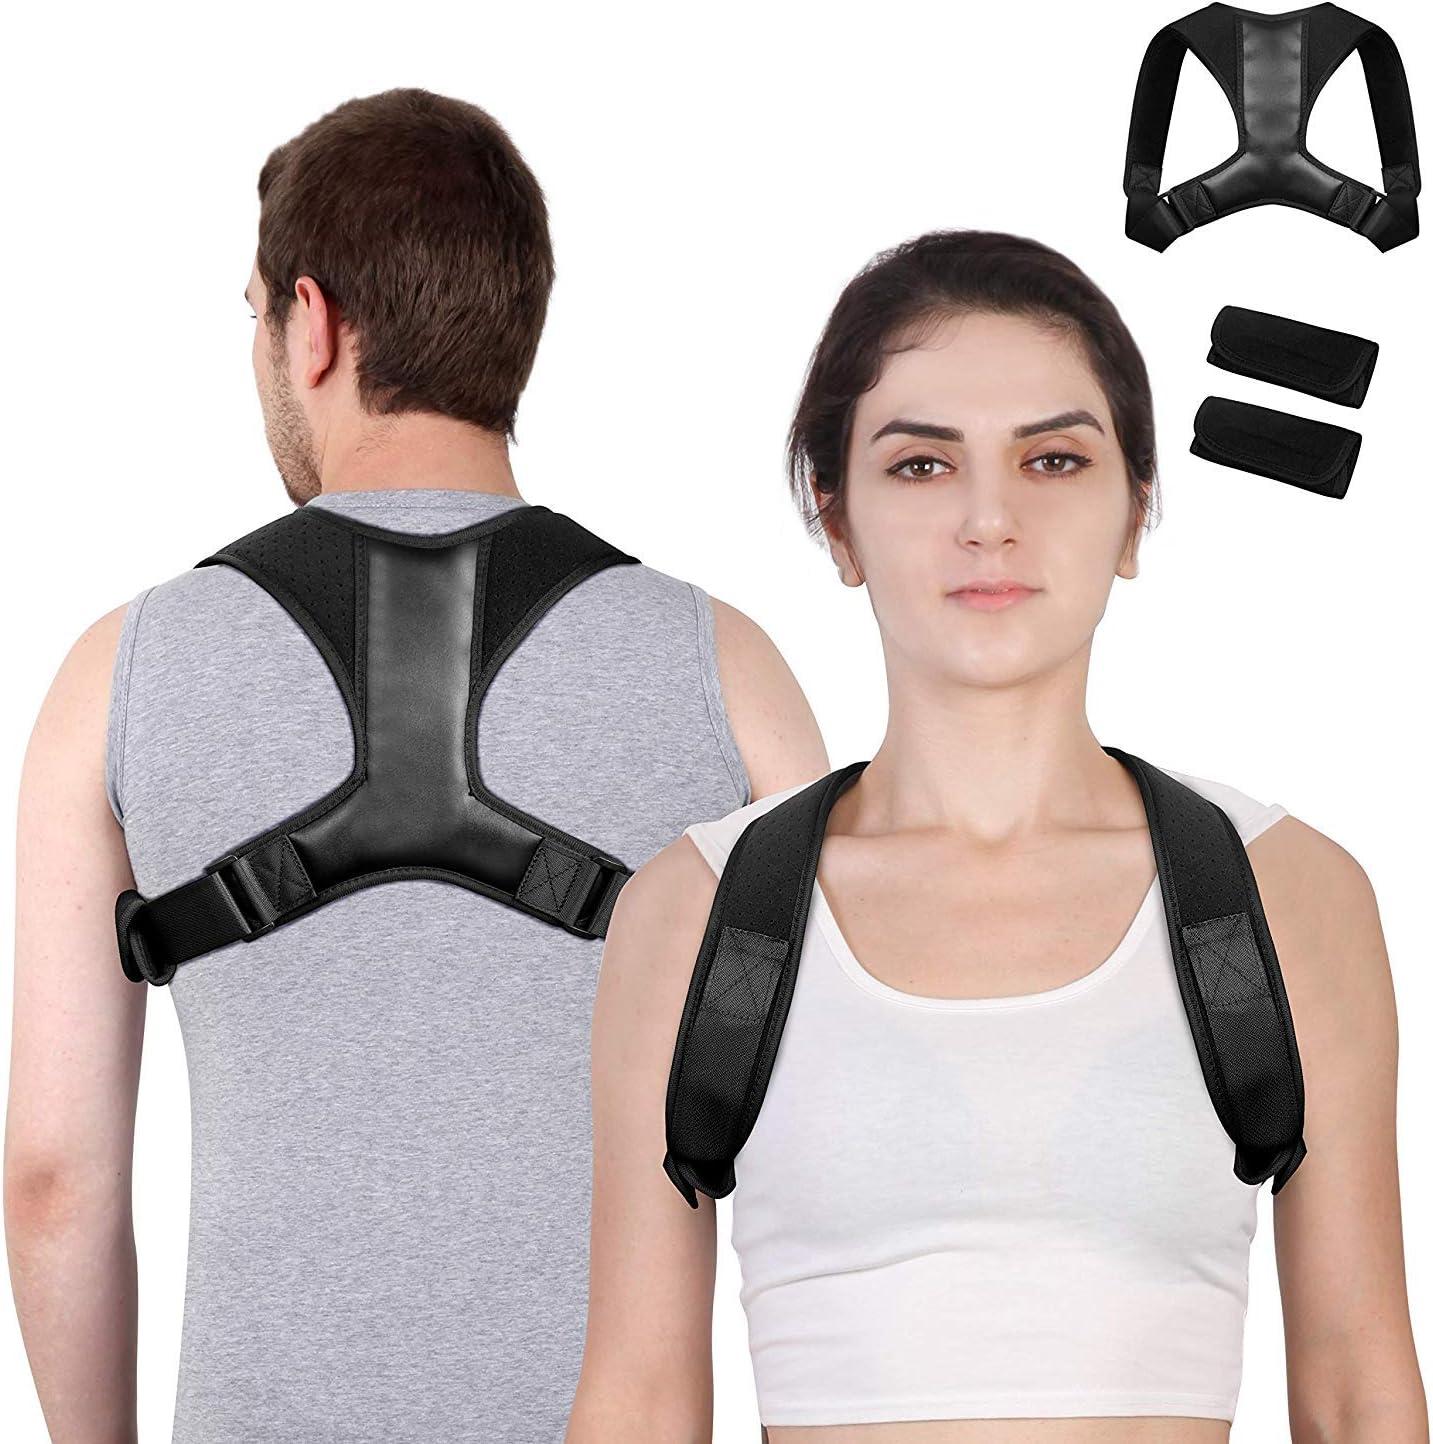 Posture Corrector for Men and Women, Adjustable Upper Invisible Under Cloth Back Brace for Spinal Shoulder Support, Improve Shoulder Back Posture, Neck Pain Relief, Straighten Back